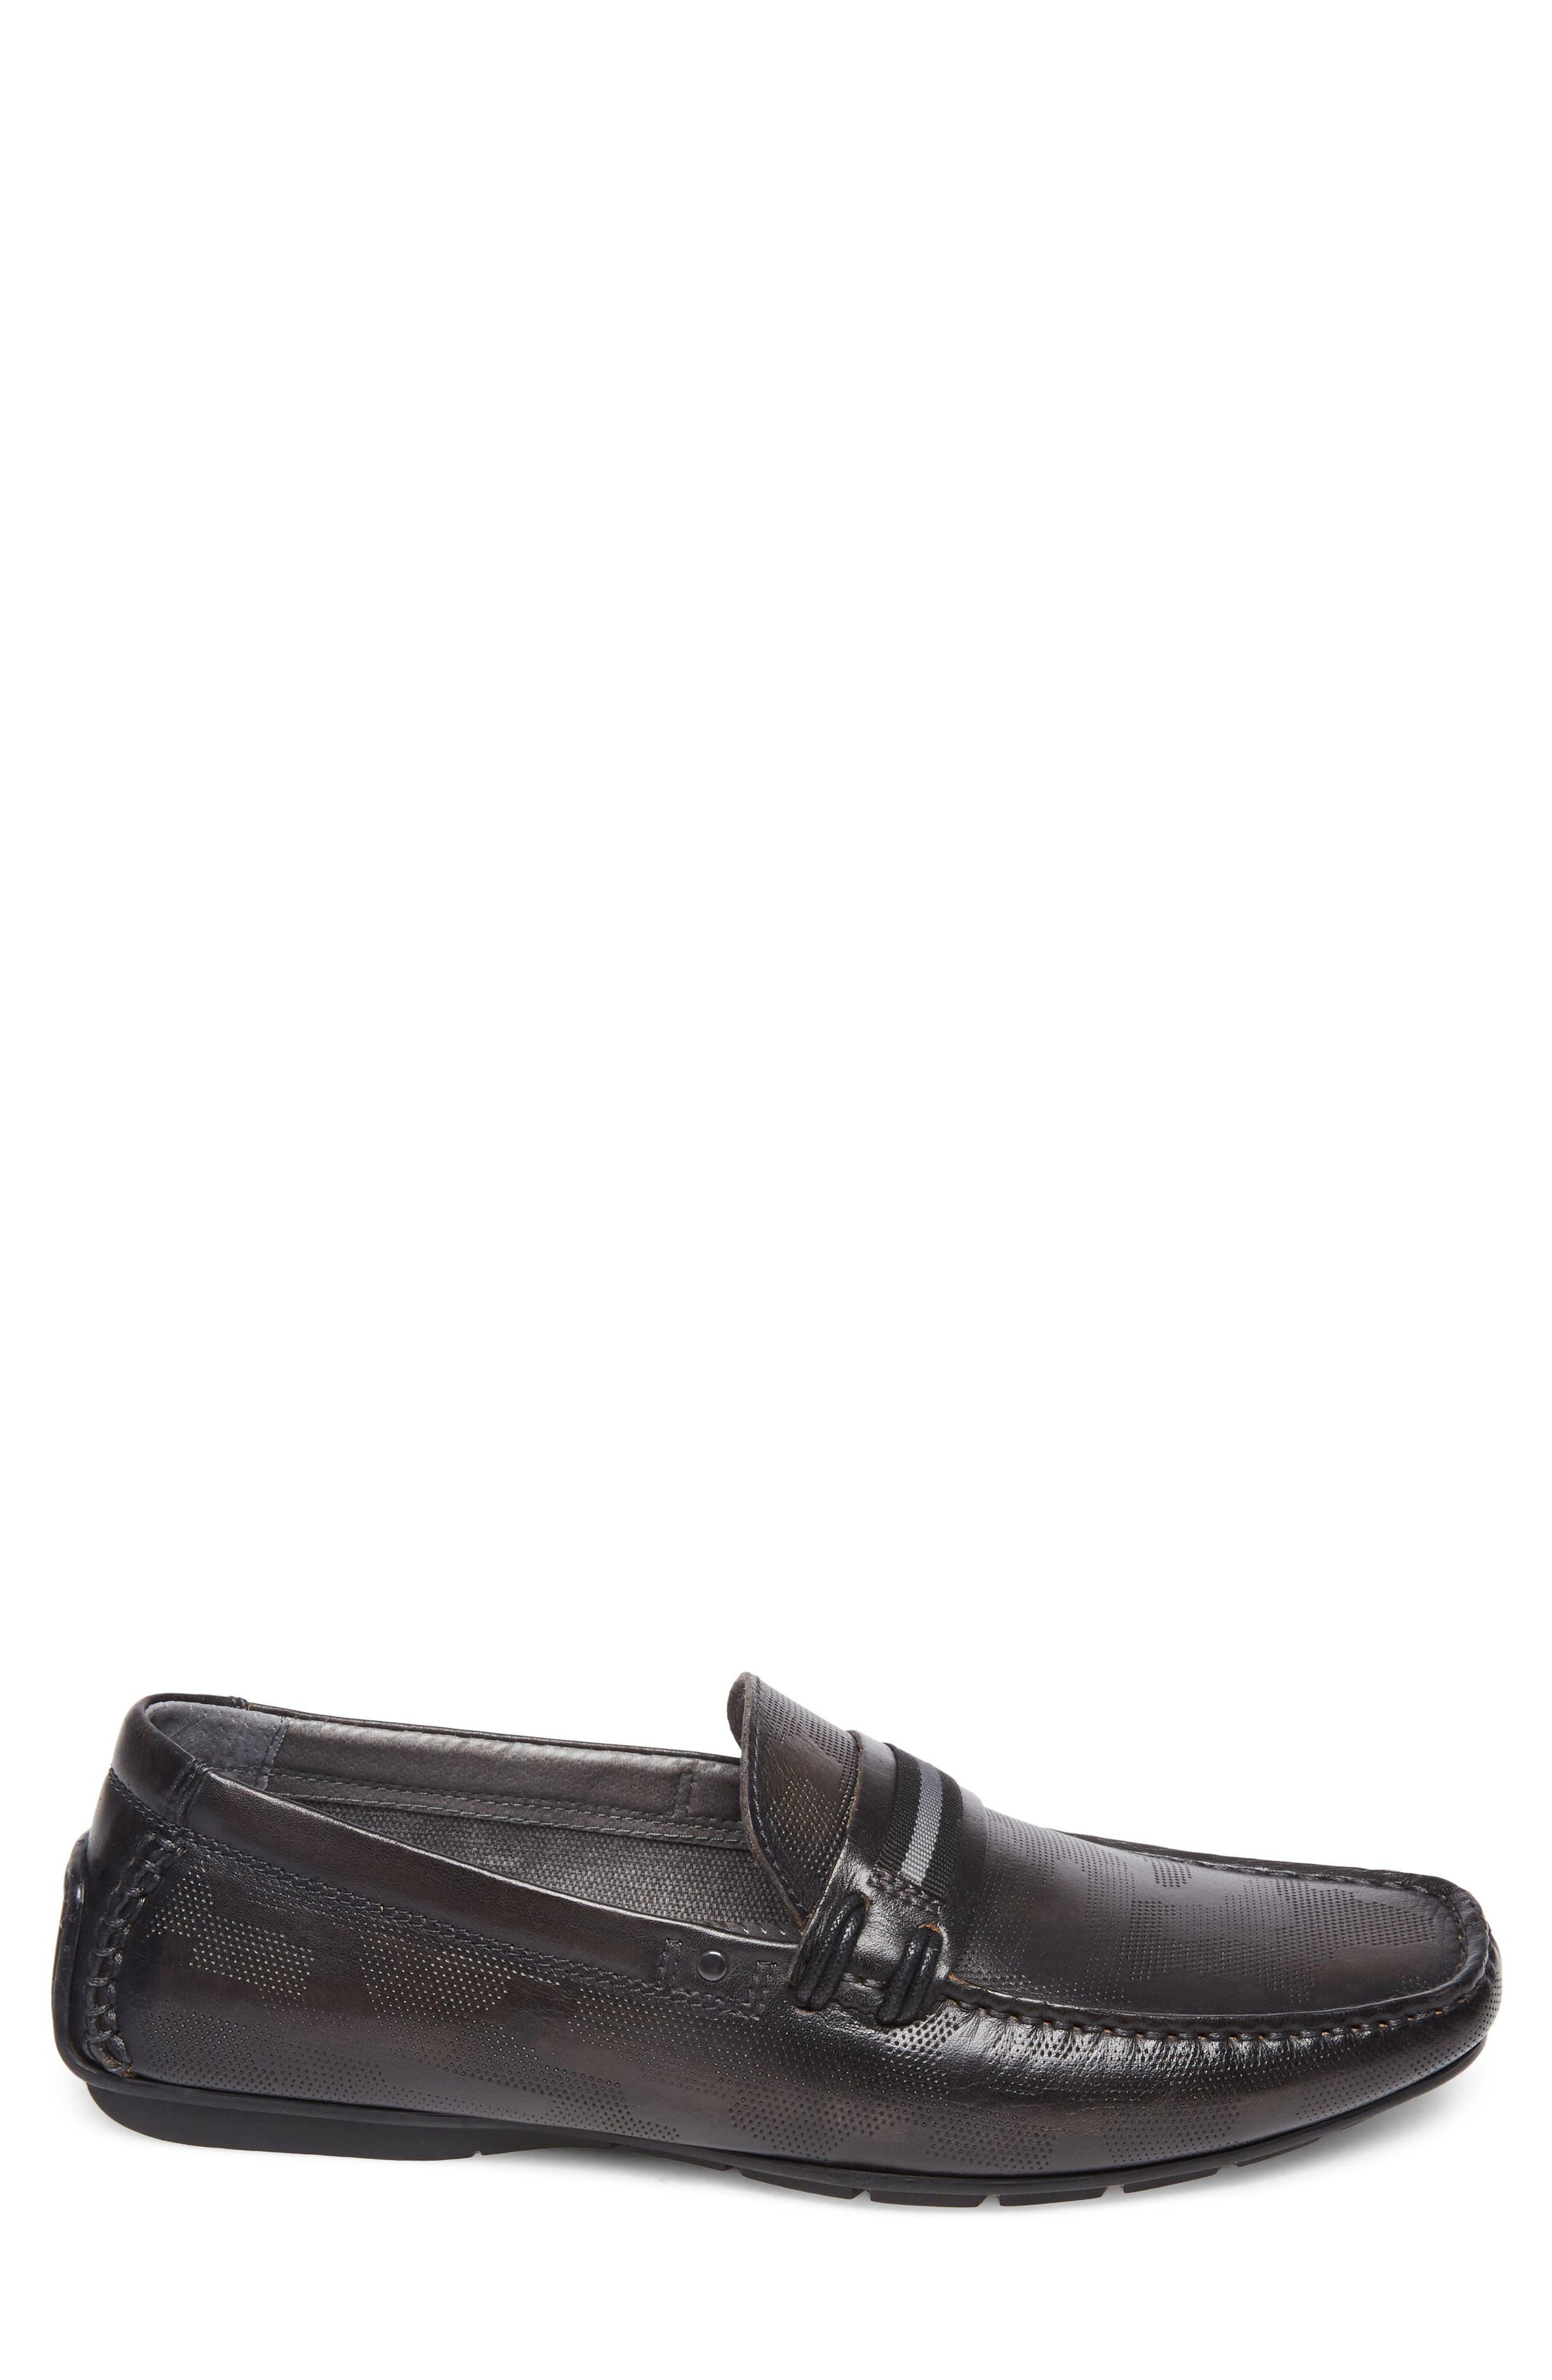 Garvet Textured Driving Loafer,                             Alternate thumbnail 3, color,                             001